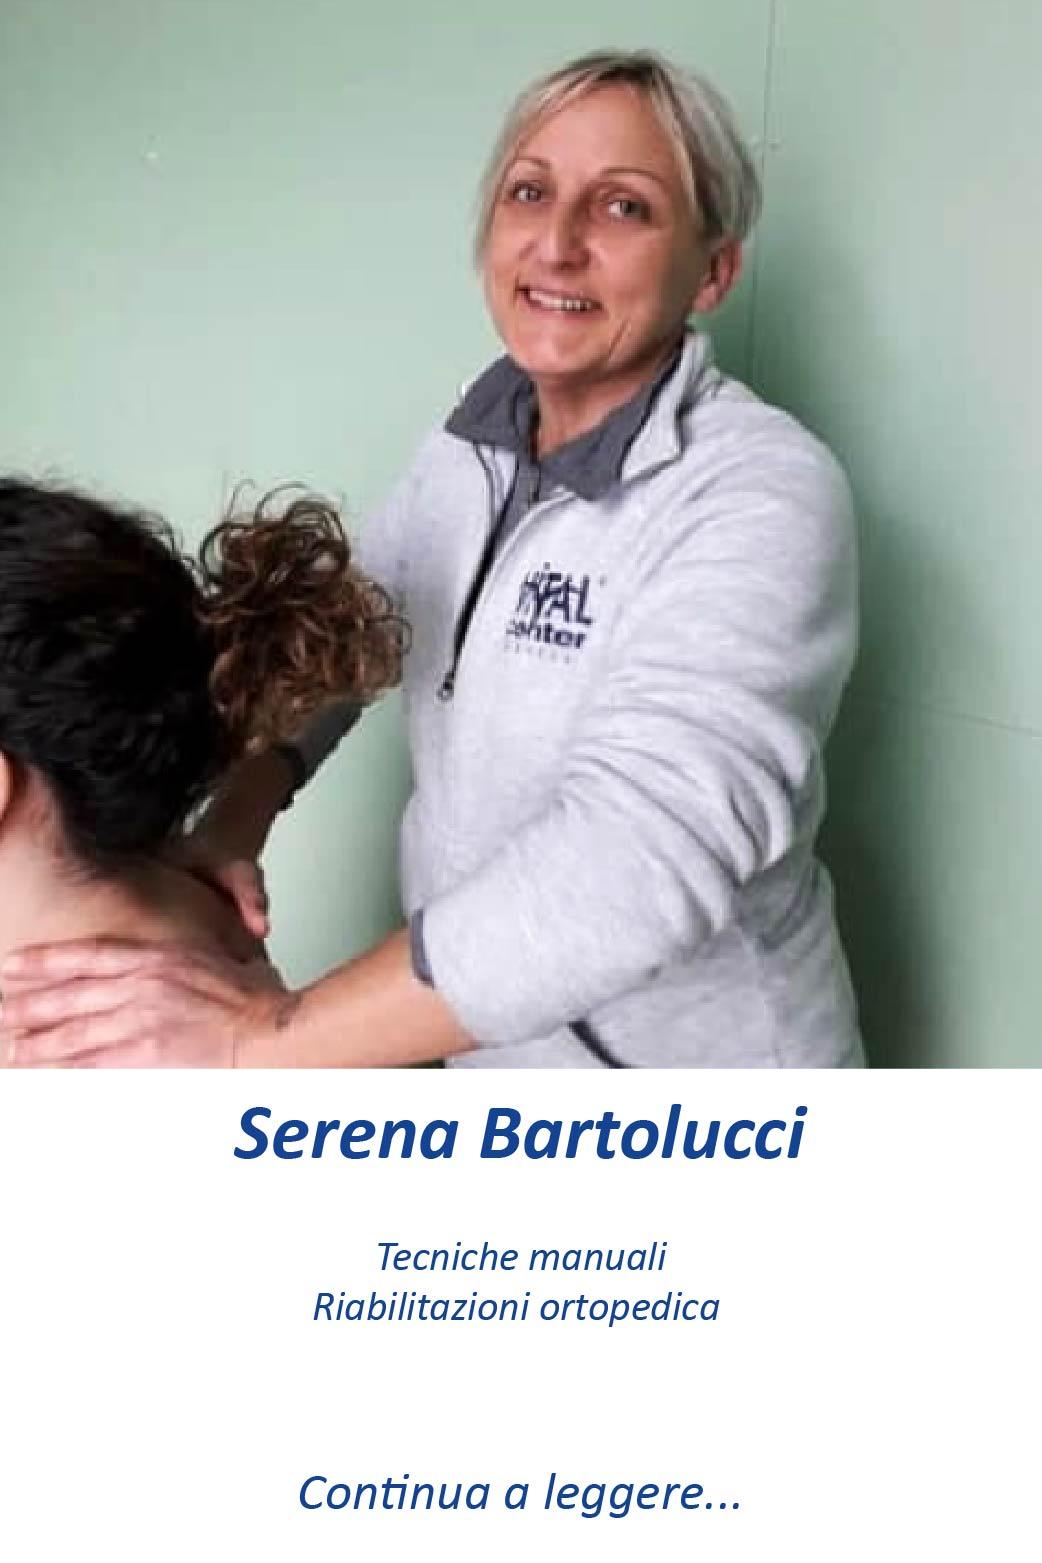 serena-bartolucci-equipe-fisioterapia-riabilitazione-vital-center-empoli